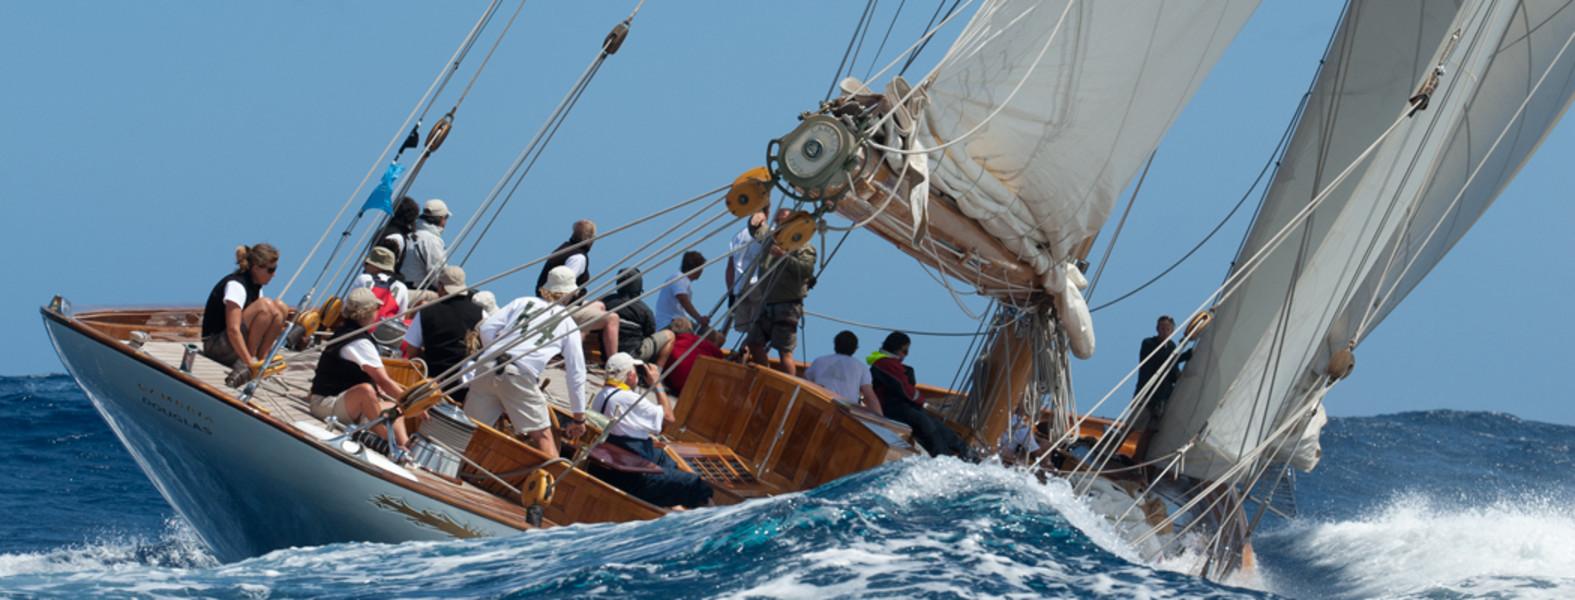 Yacht Moonbeam IV - Panerai Classic Yachts Challenge